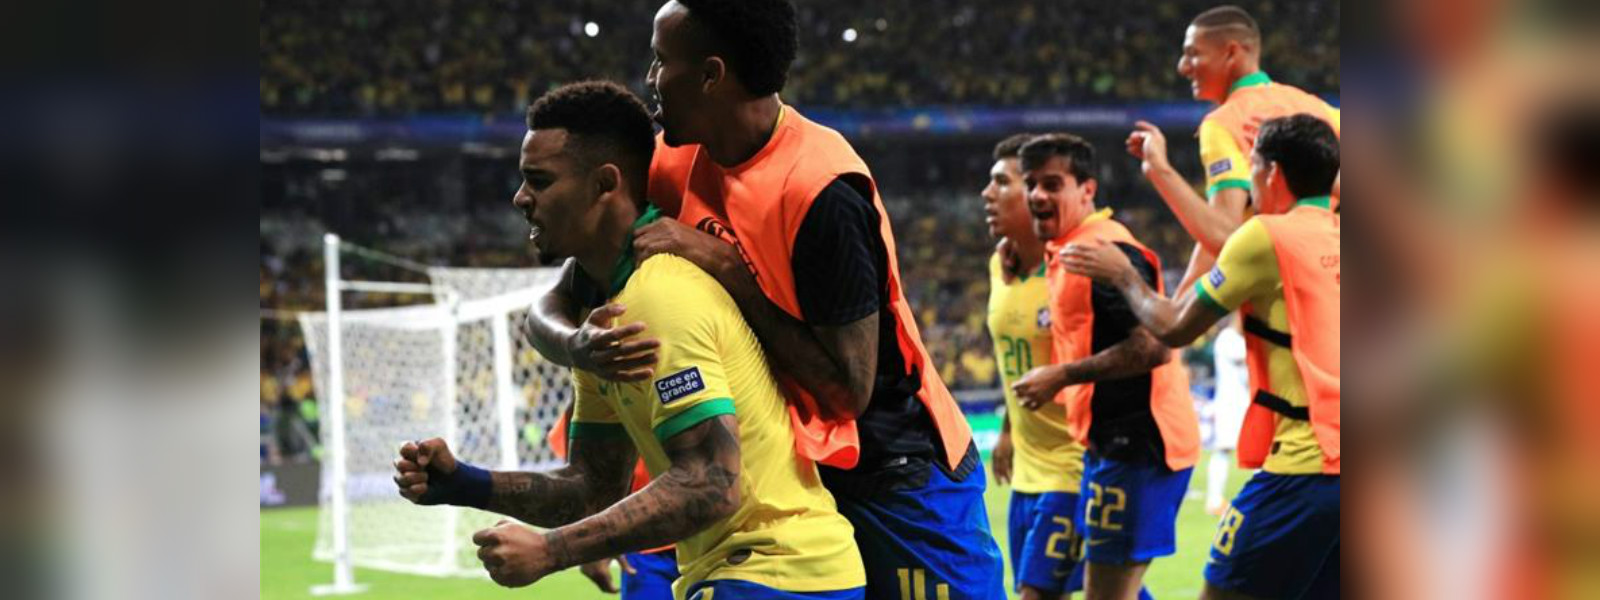 Brazil beat Argentina 2-0 to reach Copa America final